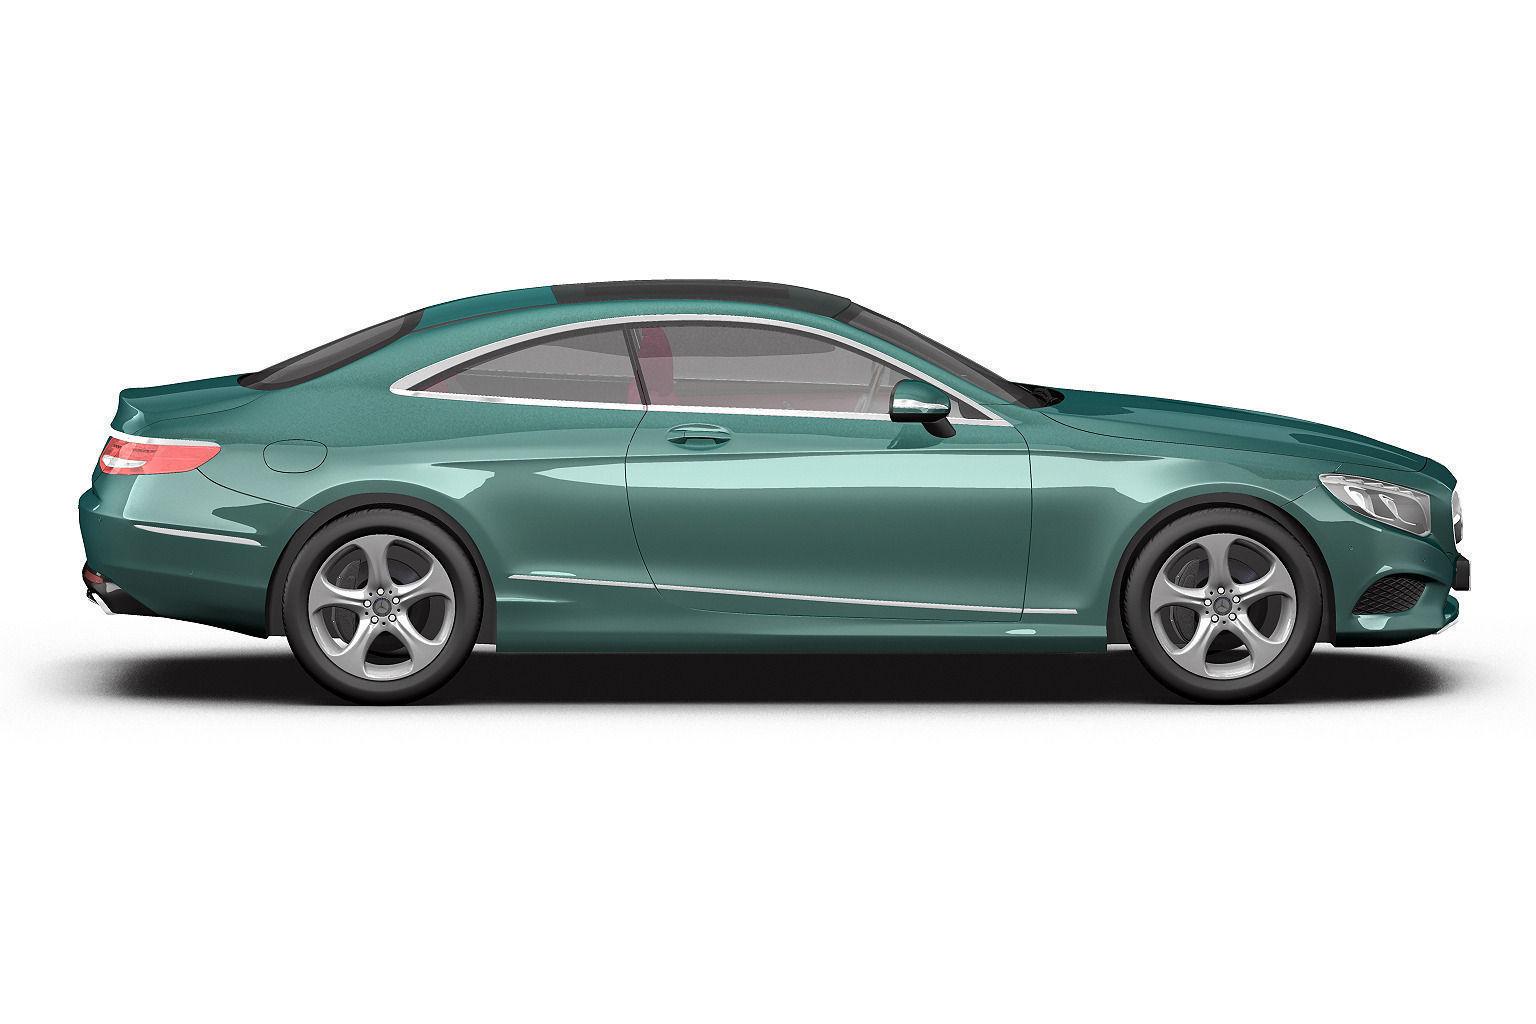 2014 mercedes benz s class coupe 3d model max obj 3ds fbx for Mercedes benz coupe models